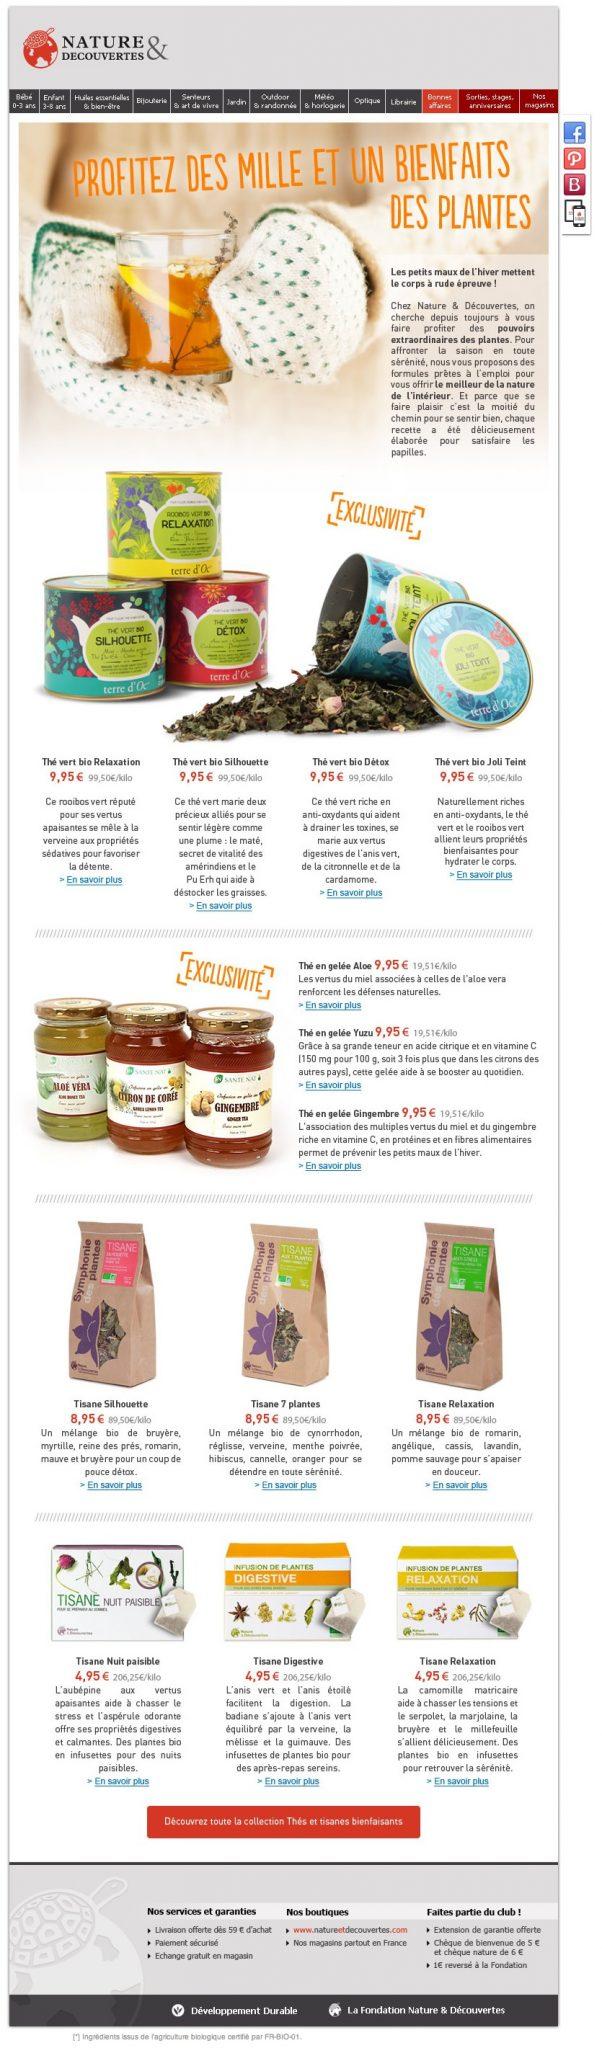 Galerie de newsletters nature et d couvertes profitez - Cuisine nature et decouverte ...